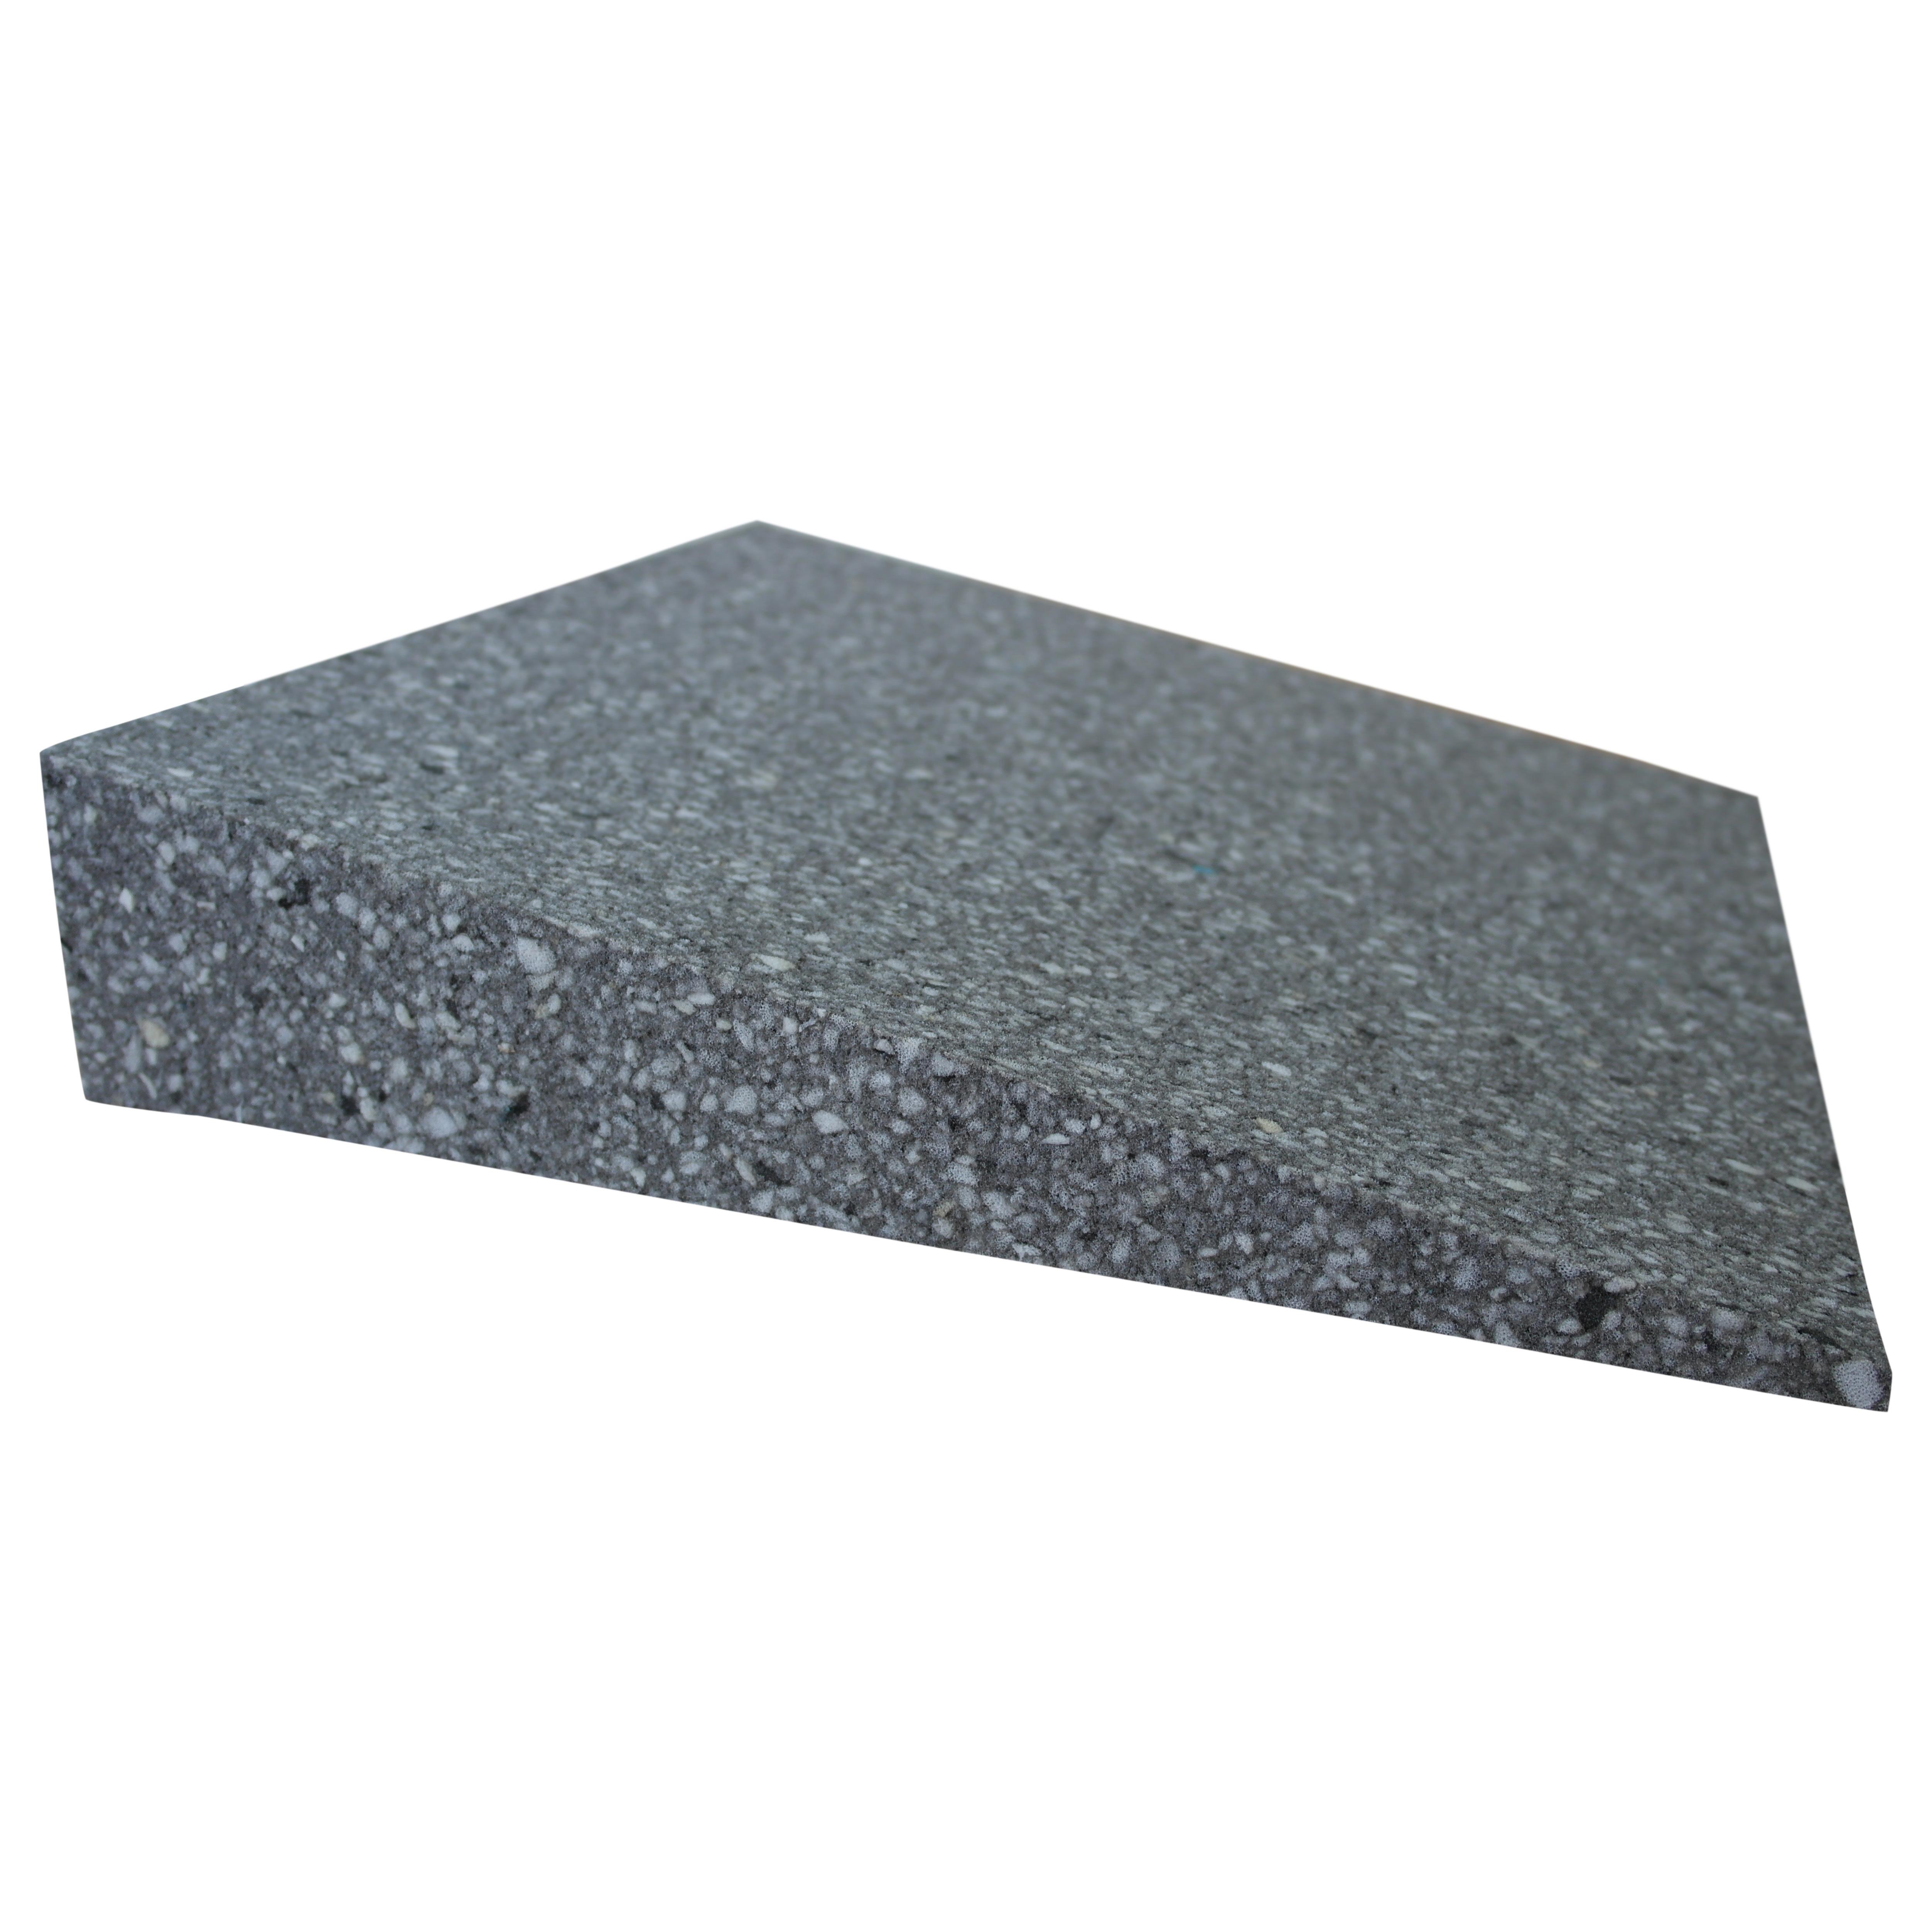 Skråkile, 37 x 37 cm, u/betræk, 6 eller 8 cm. – pris 149.00